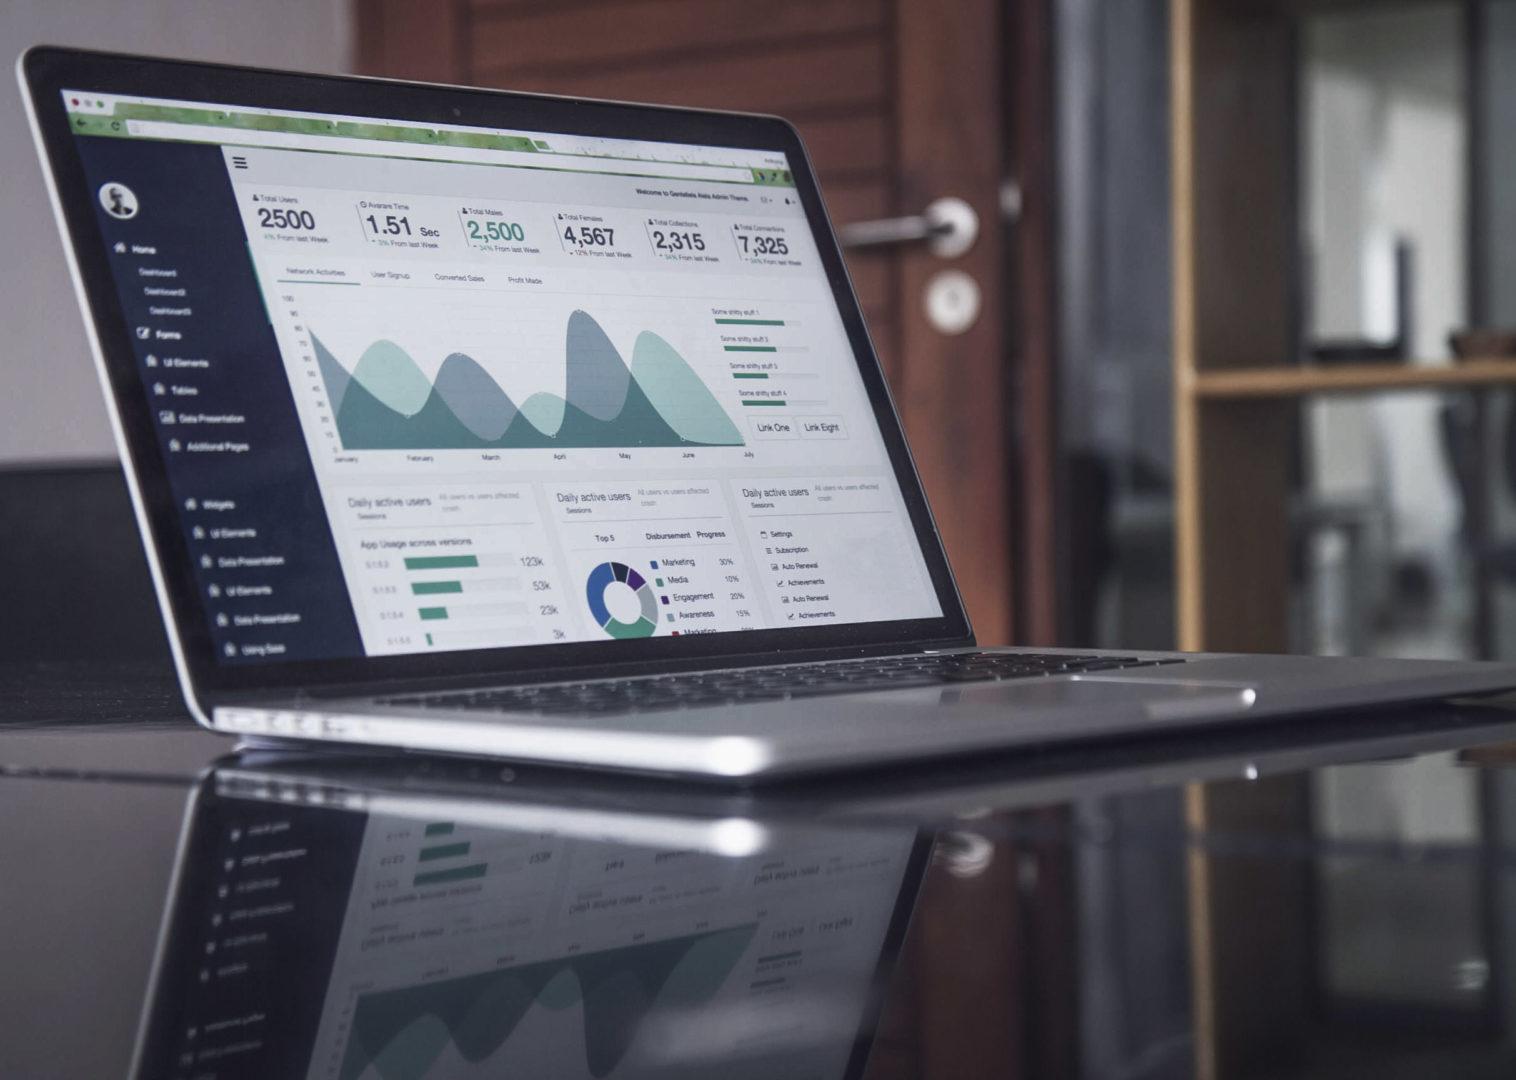 Weblösungen für Unternehmer, Dienstleister & Privatpersonen